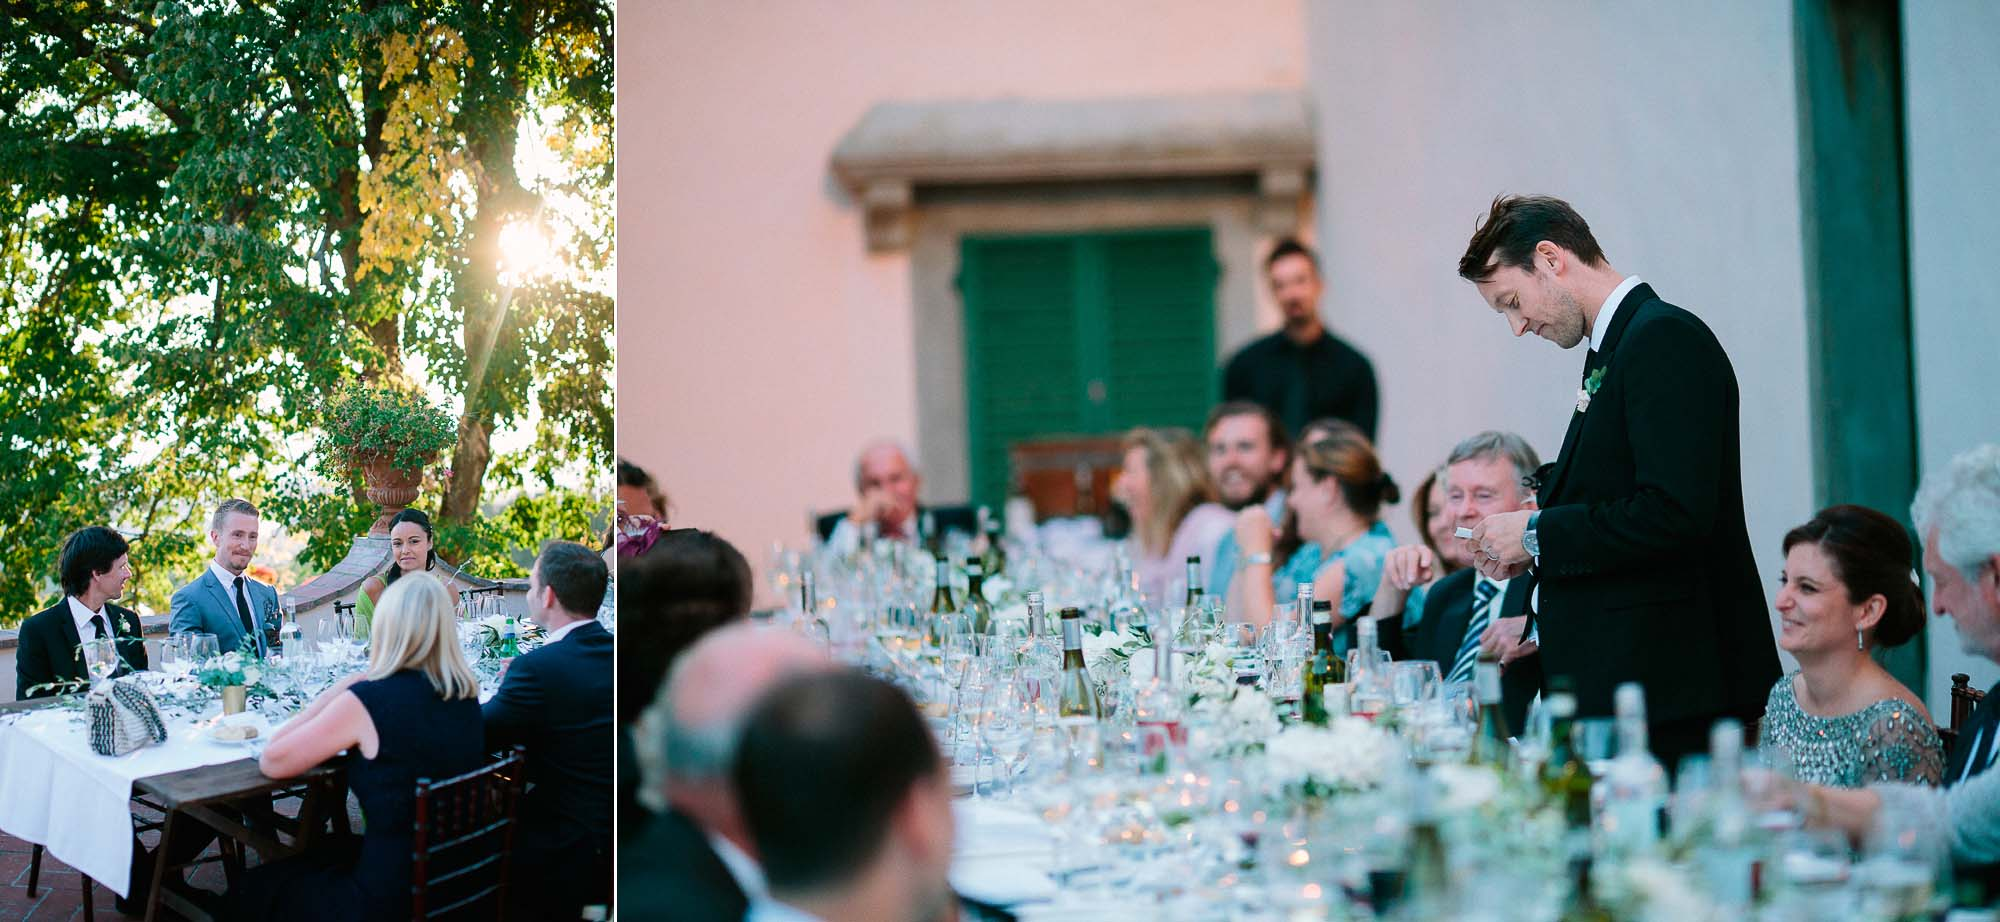 Firenze wedding photographer-75.jpg